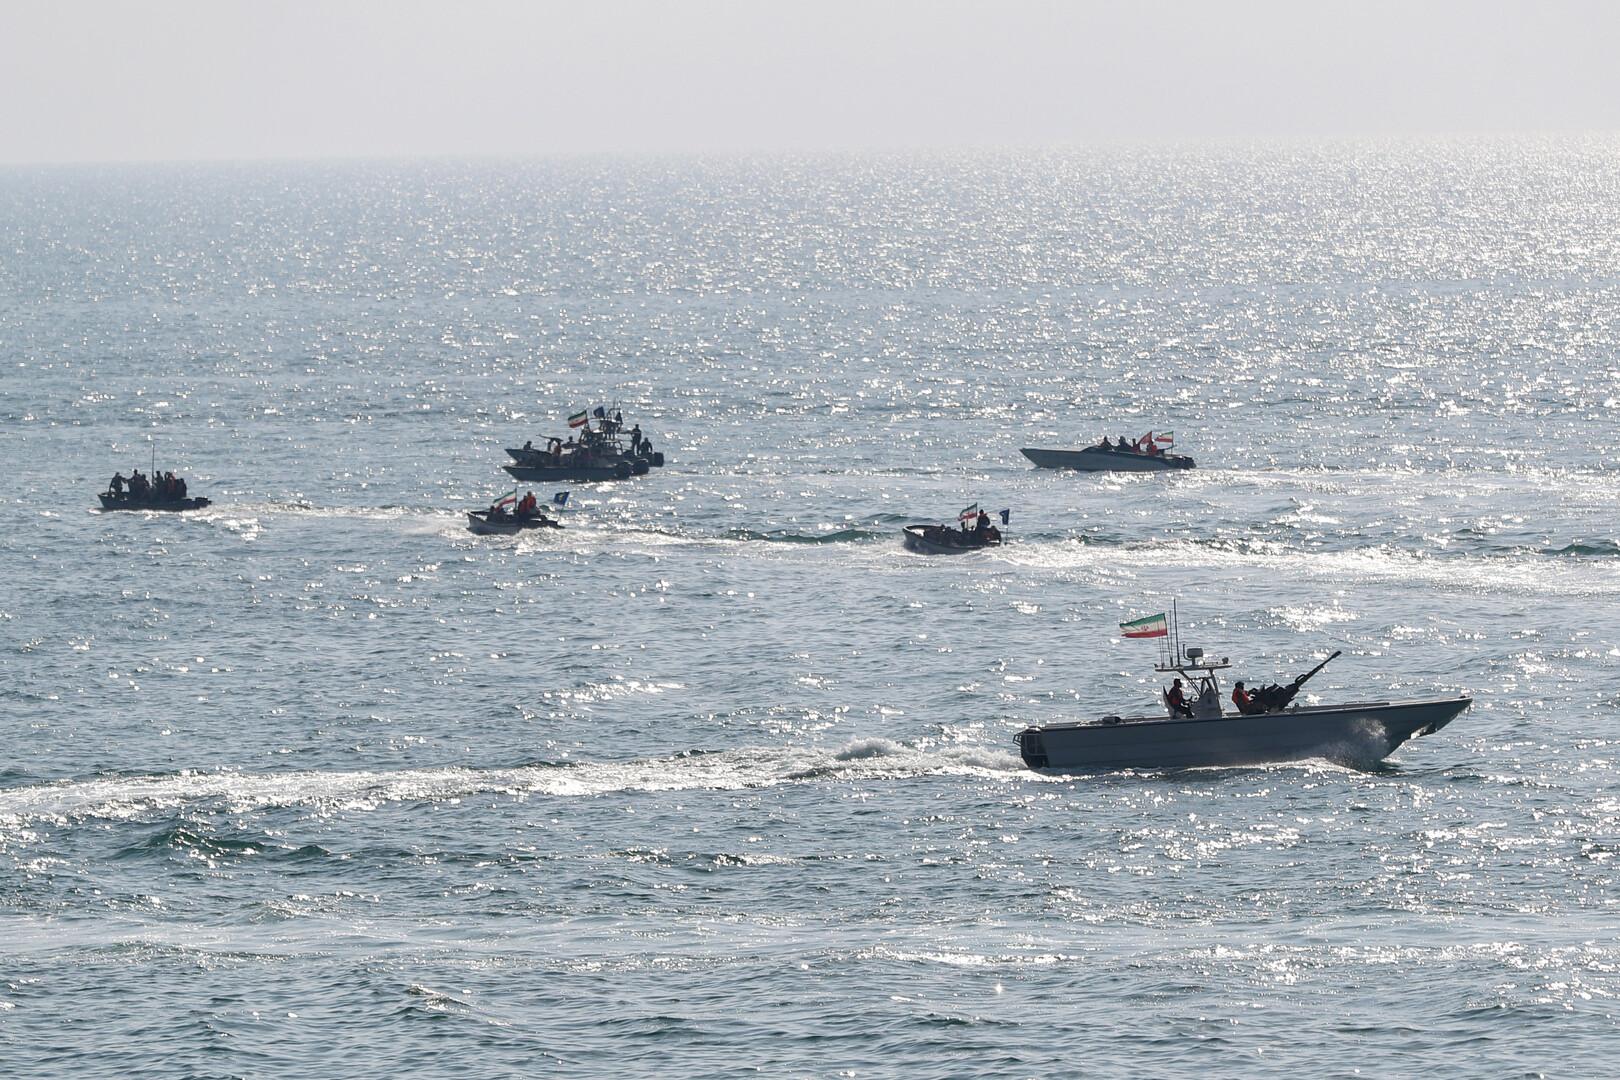 زوارق حربية للحرس الثوري الإيراني في مباه الخليج